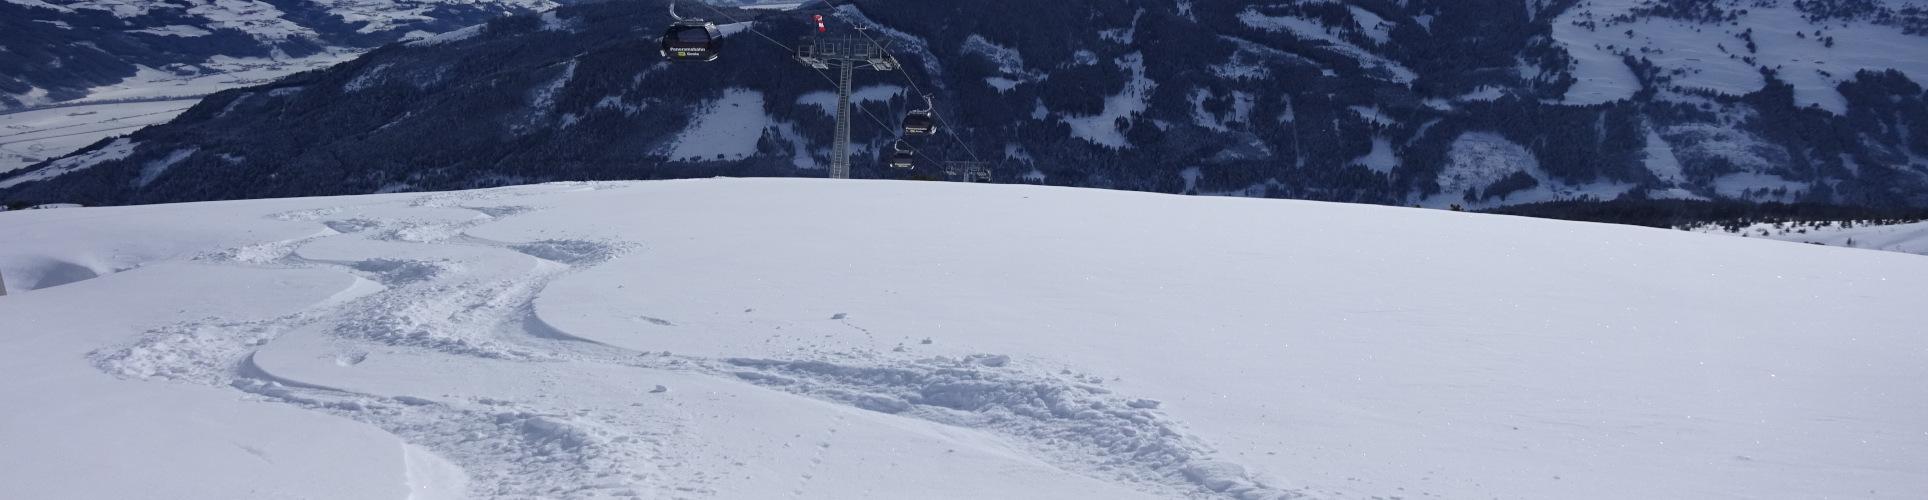 ZILLERTAL – verlängertes Skiwochenende mit 4 Skitagen – in den Weihnachtsferien – 4 Sterne Hotel mit Schwimmbad – bis zum Feiertag